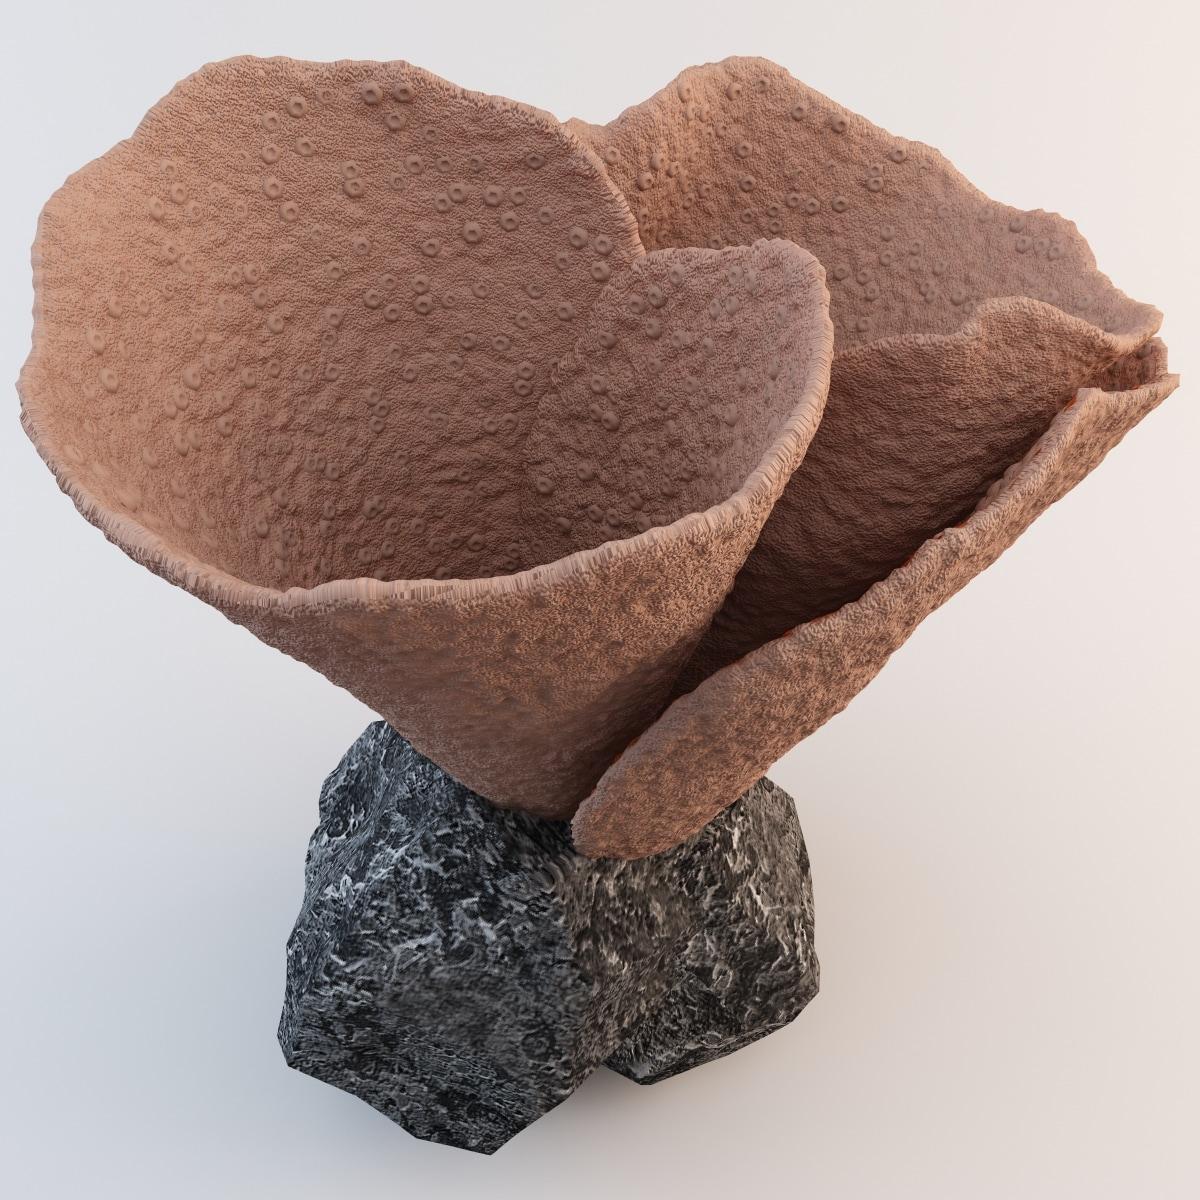 ice cream cone coral 3ds